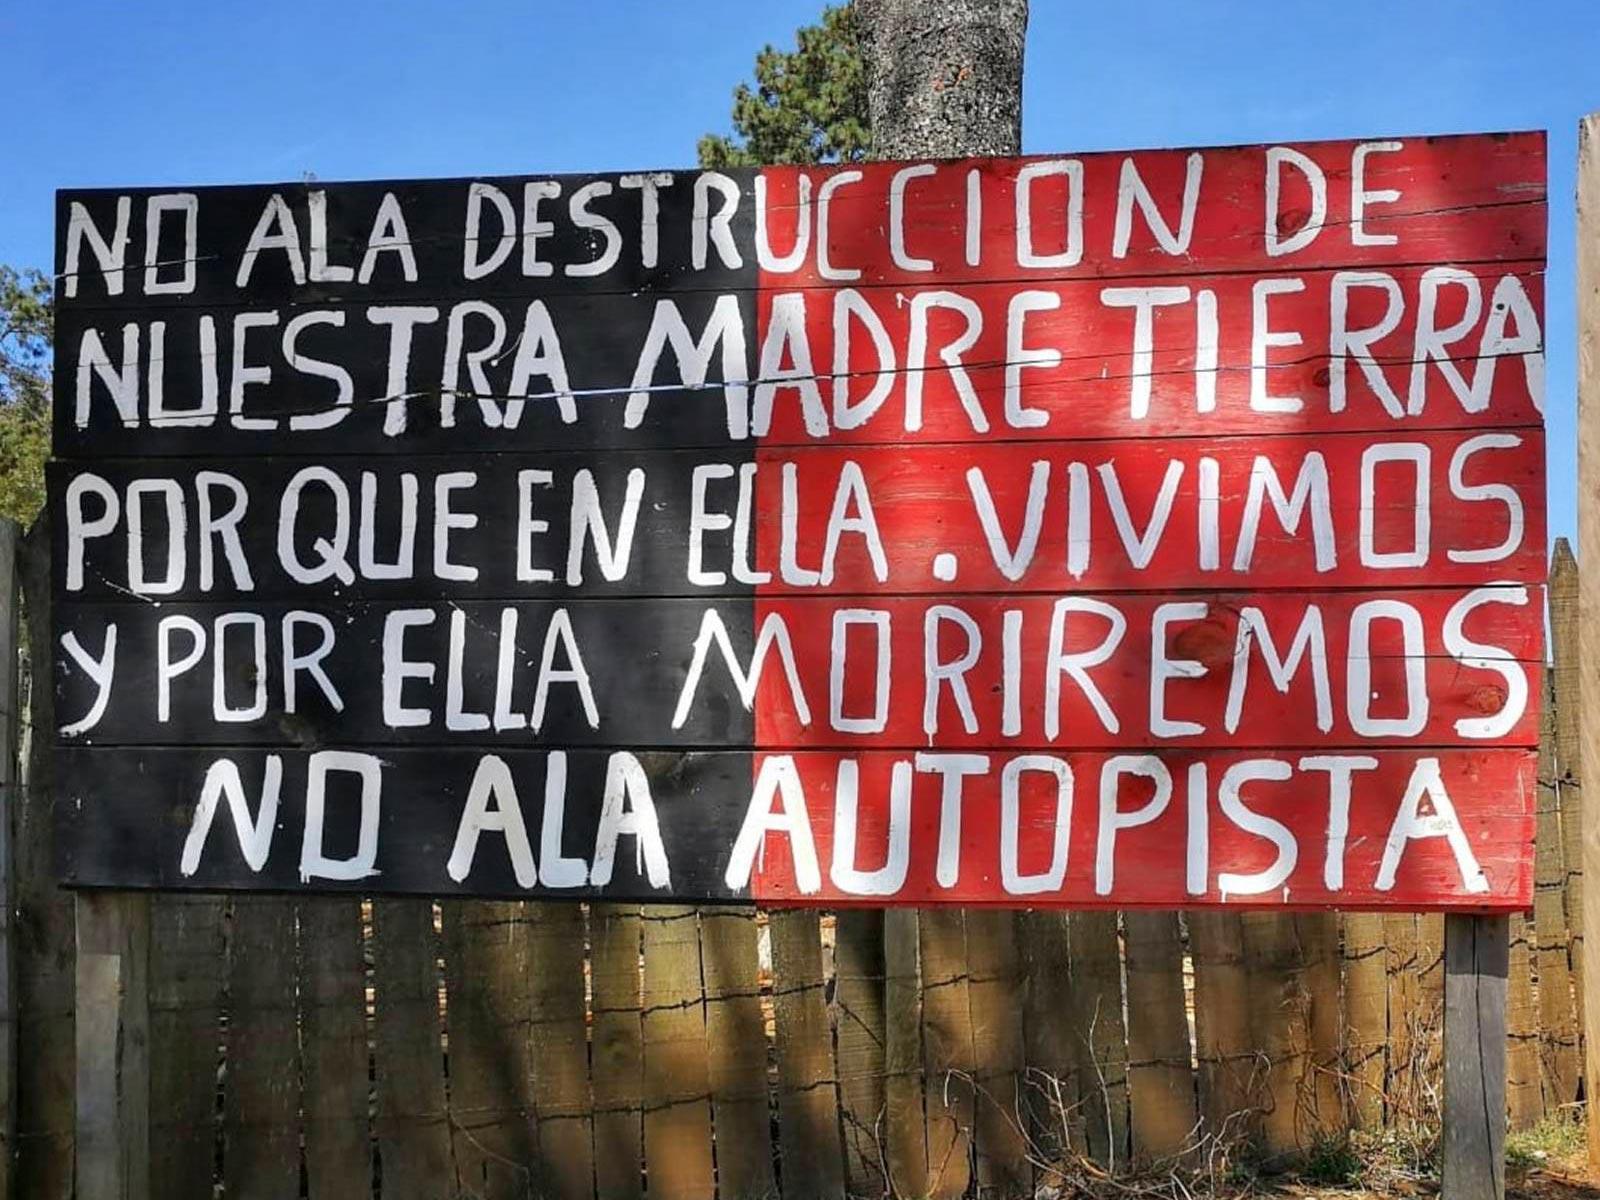 Messico-mexico-madre-tierra-zapata-no-alla-destruccion-de-nuestra-madre-tierra